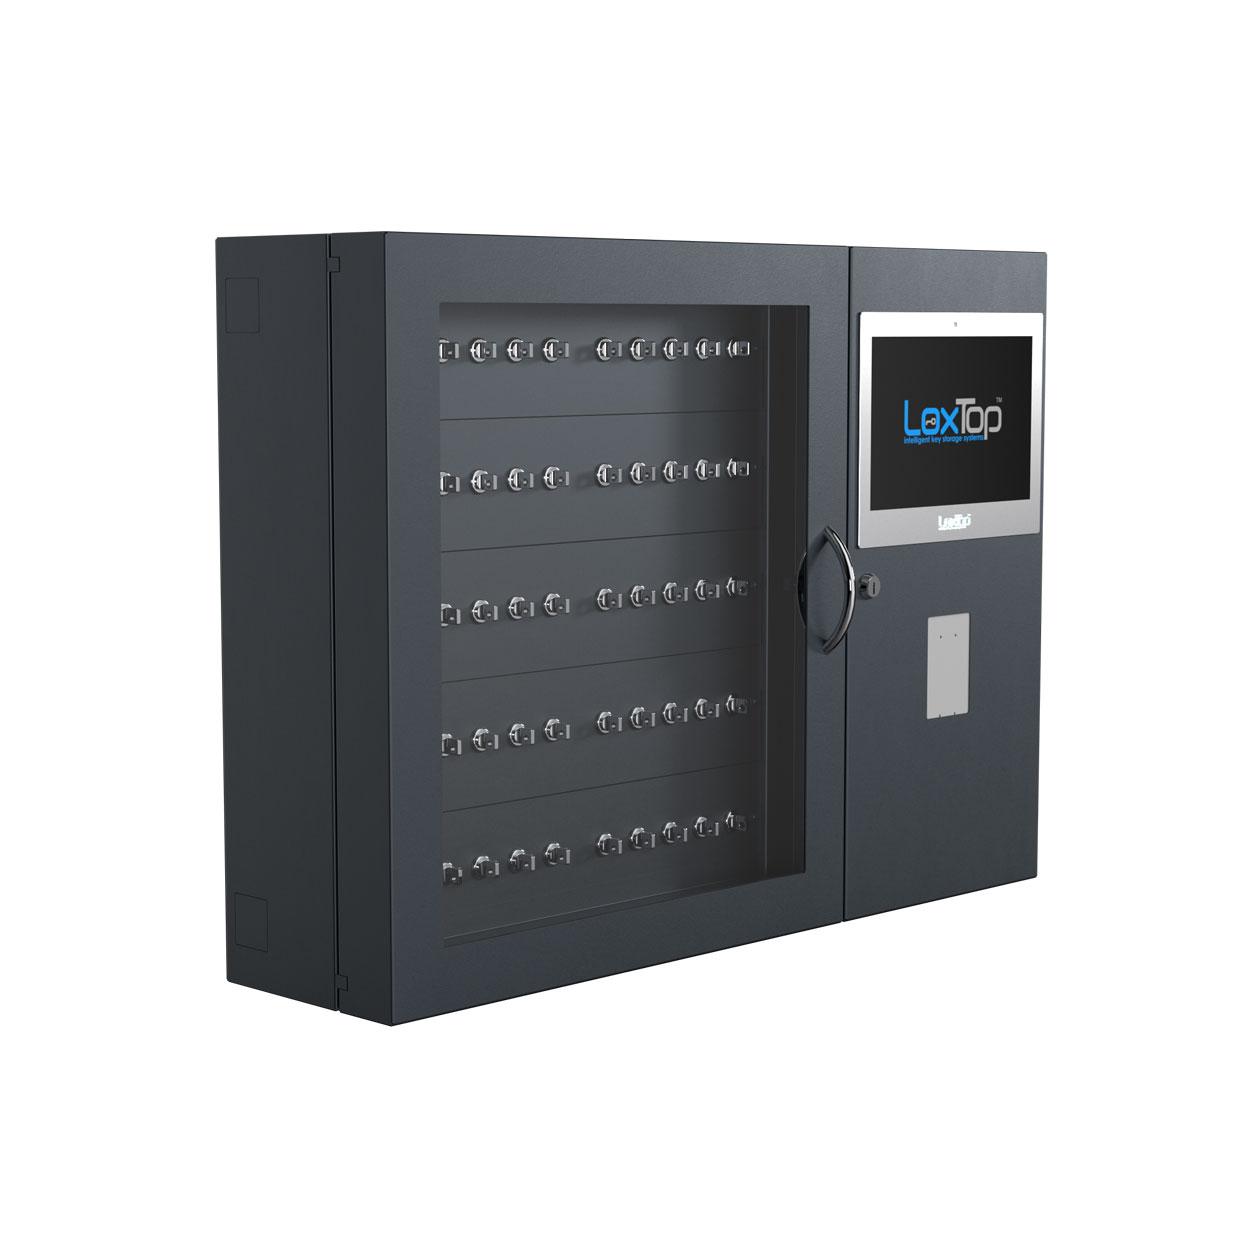 kaba exos 9300 access control manual